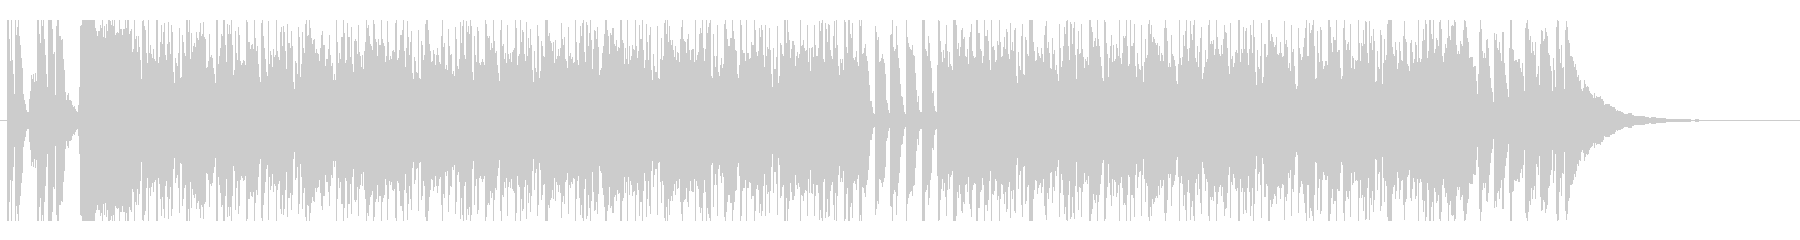 コミカルなファンク系バンドサウンドの未再生の波形